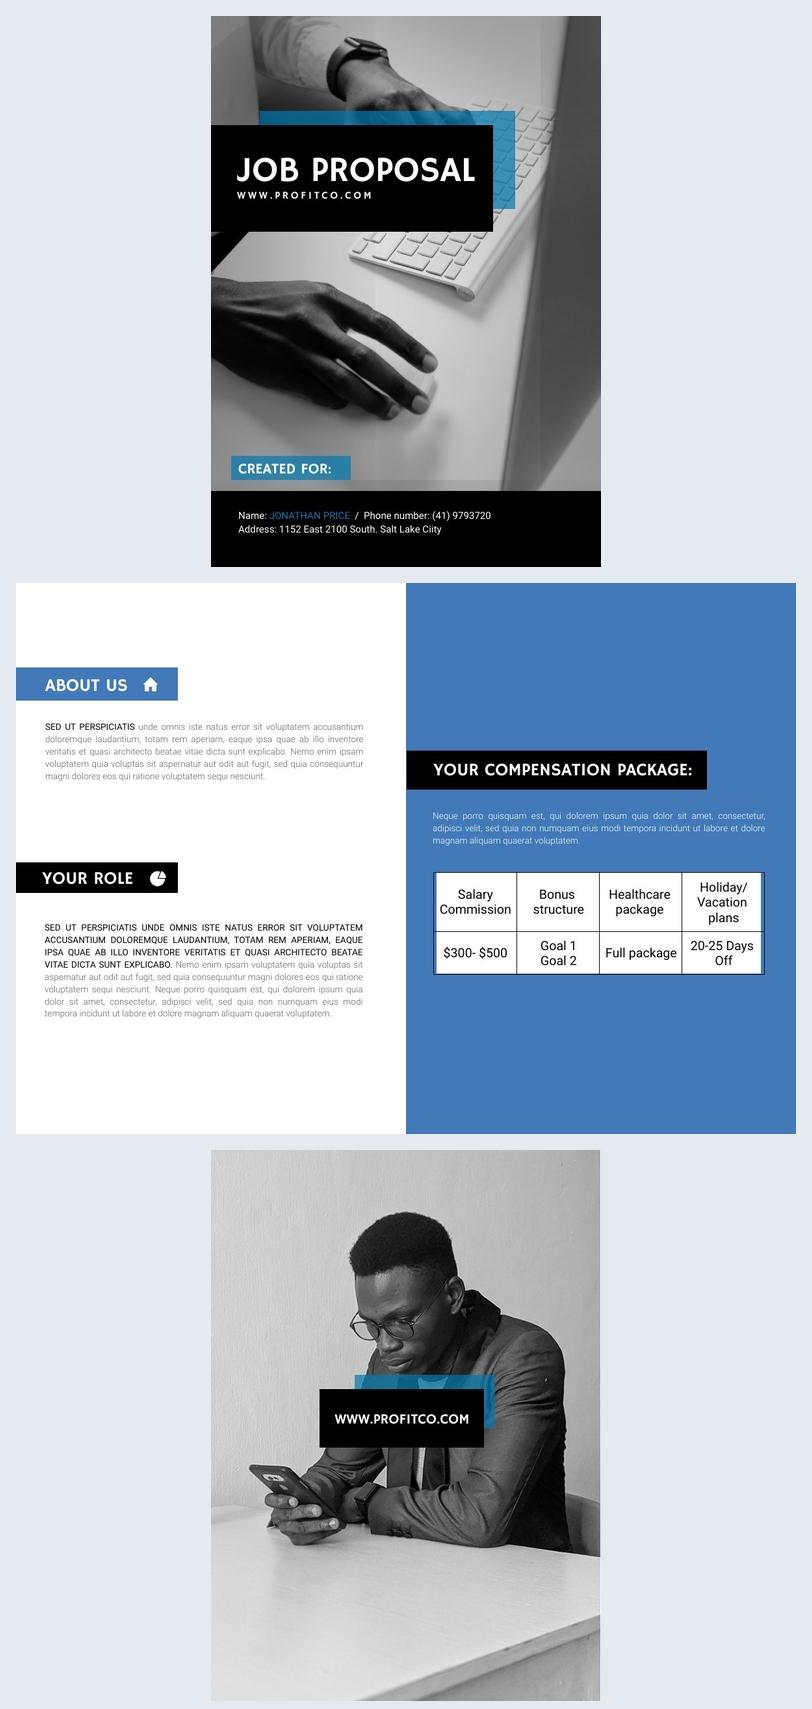 Modernes Stellenangebot Beispiel-Design